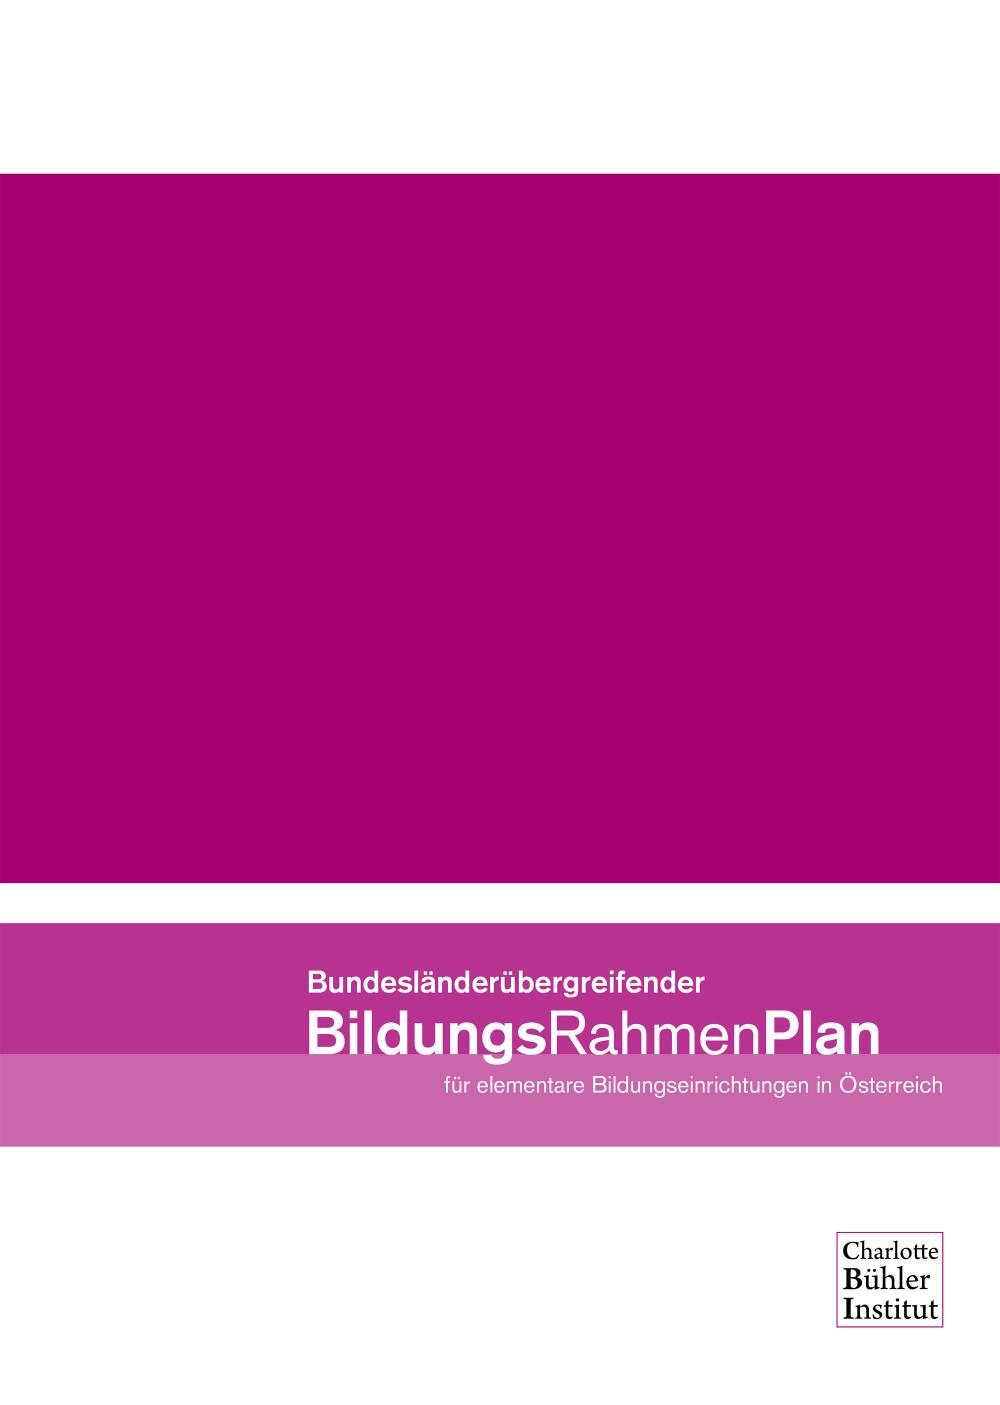 Bundesländerübergreifender BildungsRahmenPlan für elementare Bildungseinrichtungen in Österreich